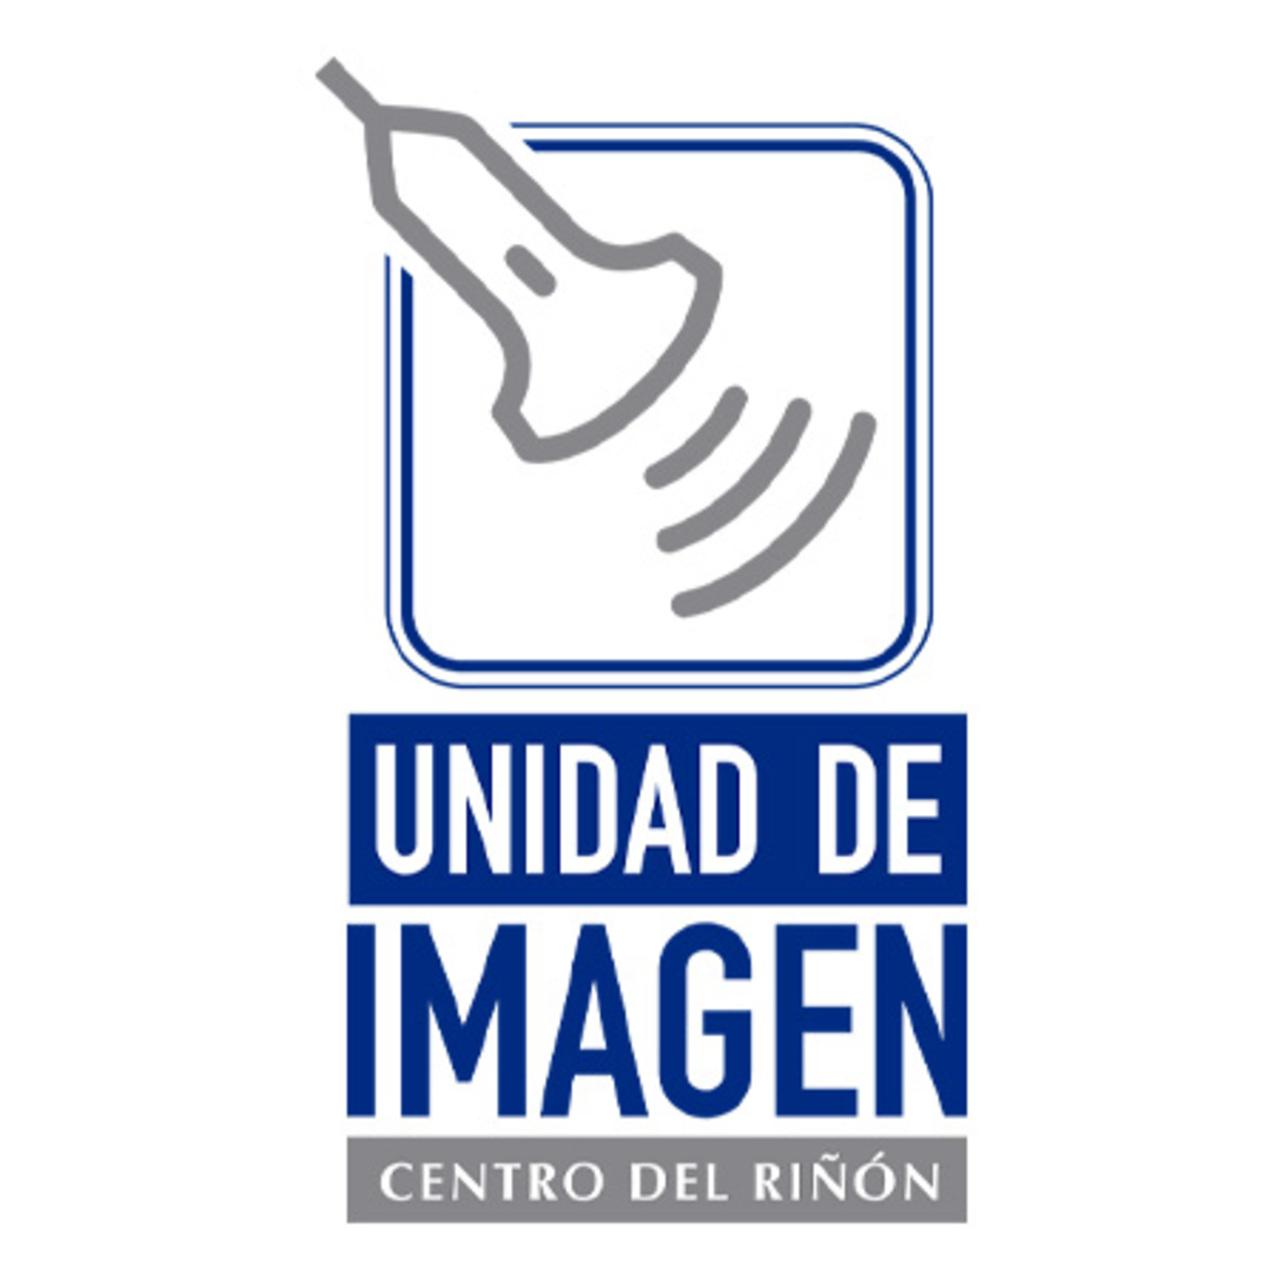 Unidad de Imagen Centro del Riñón